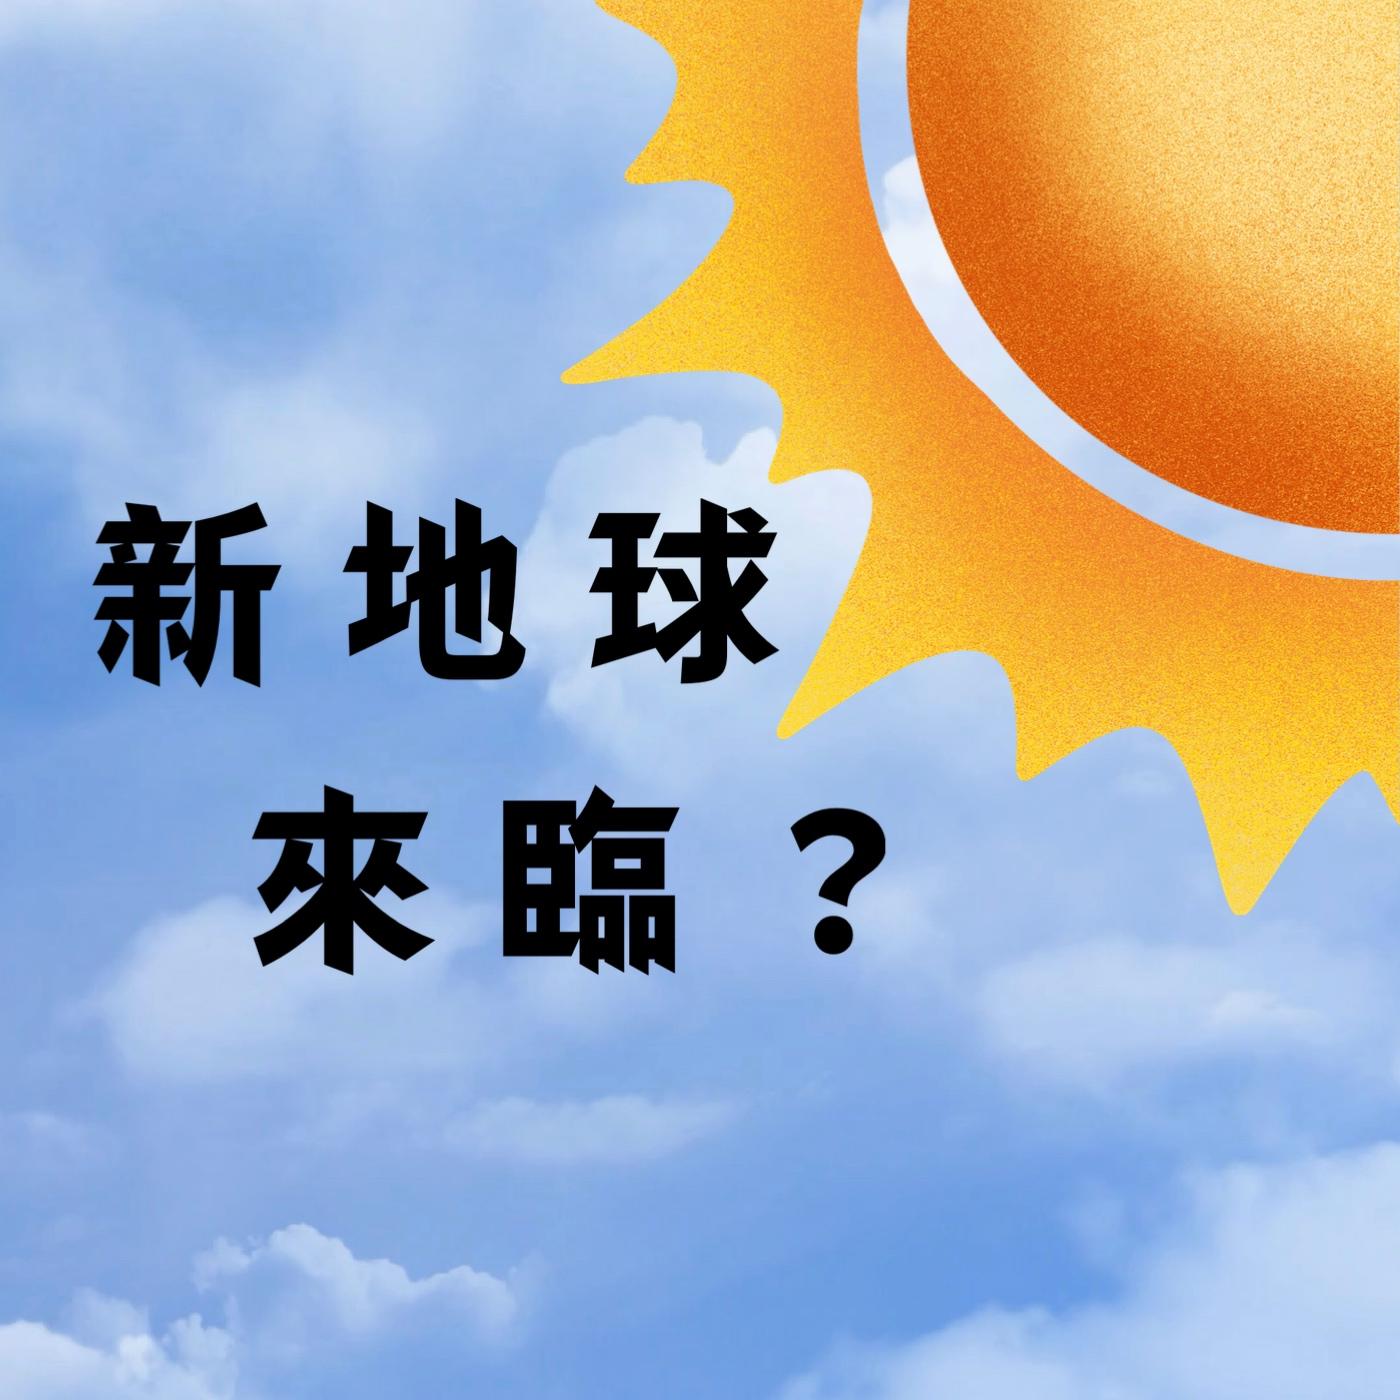 3《向陽光》新地球來臨? - 聚能院 - 福願教授(張譽棻)2020.11.24